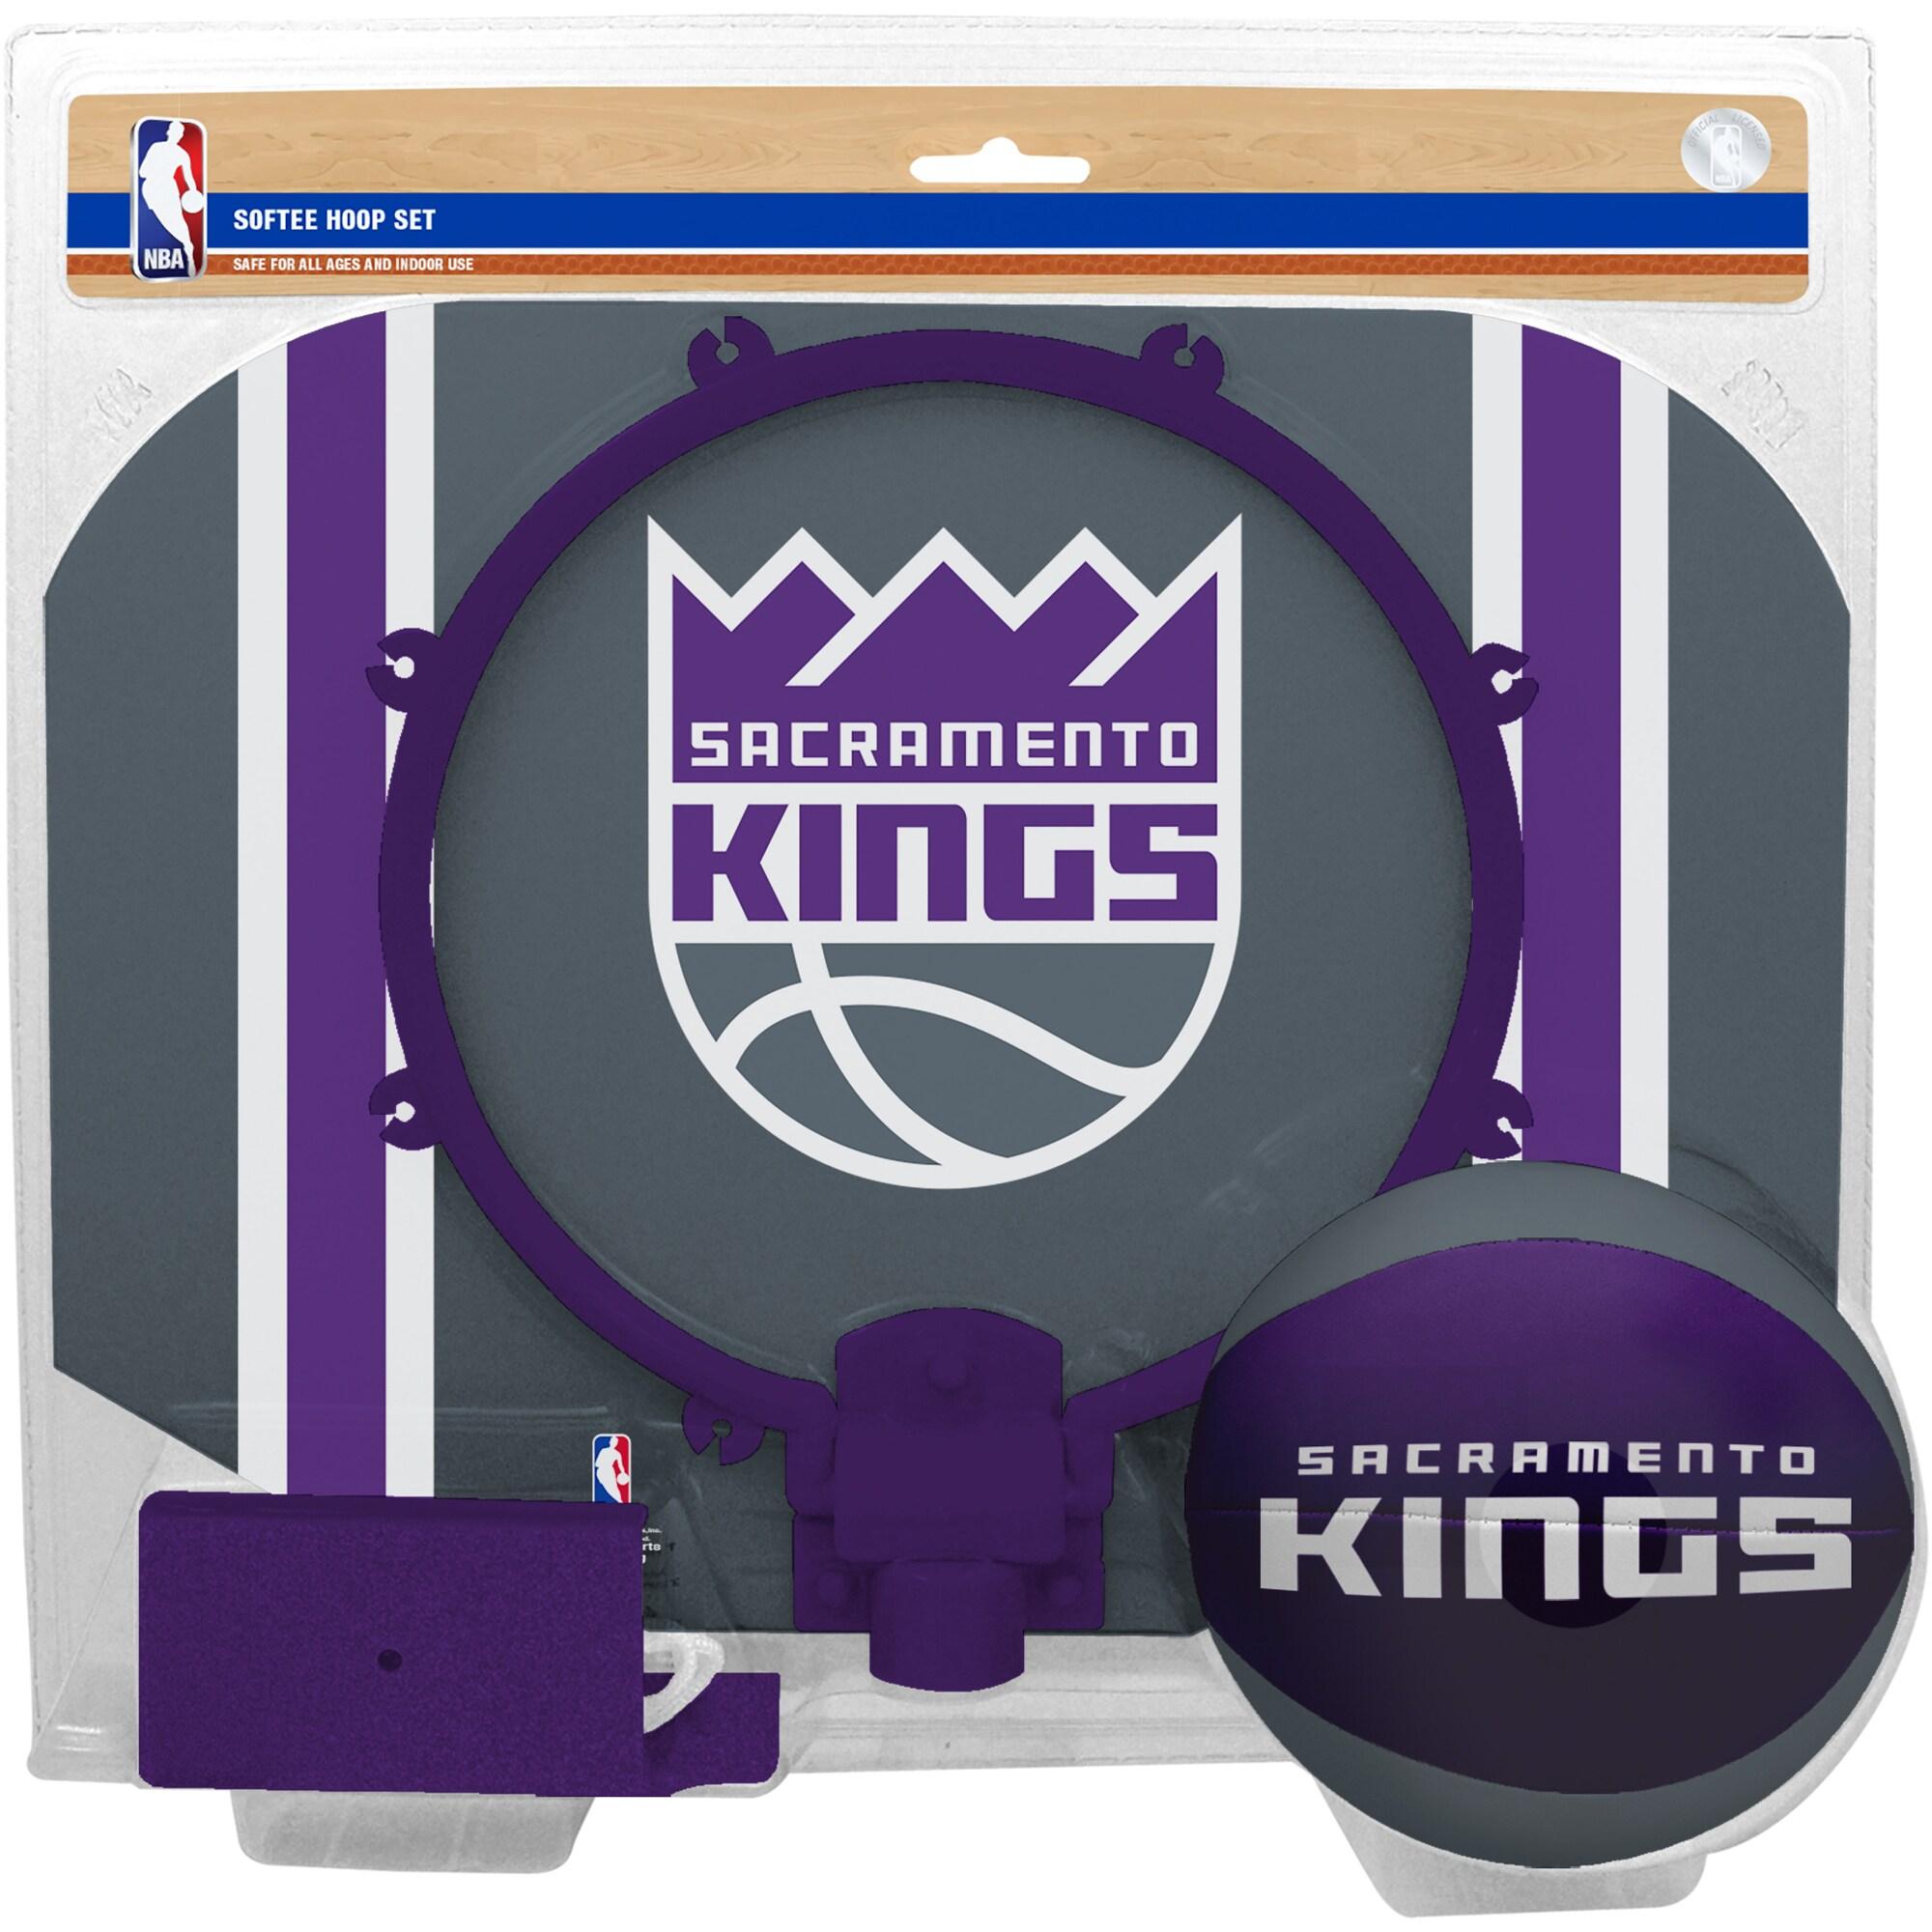 Sacramento Kings Rawlings Softee Hoop & Ball Set